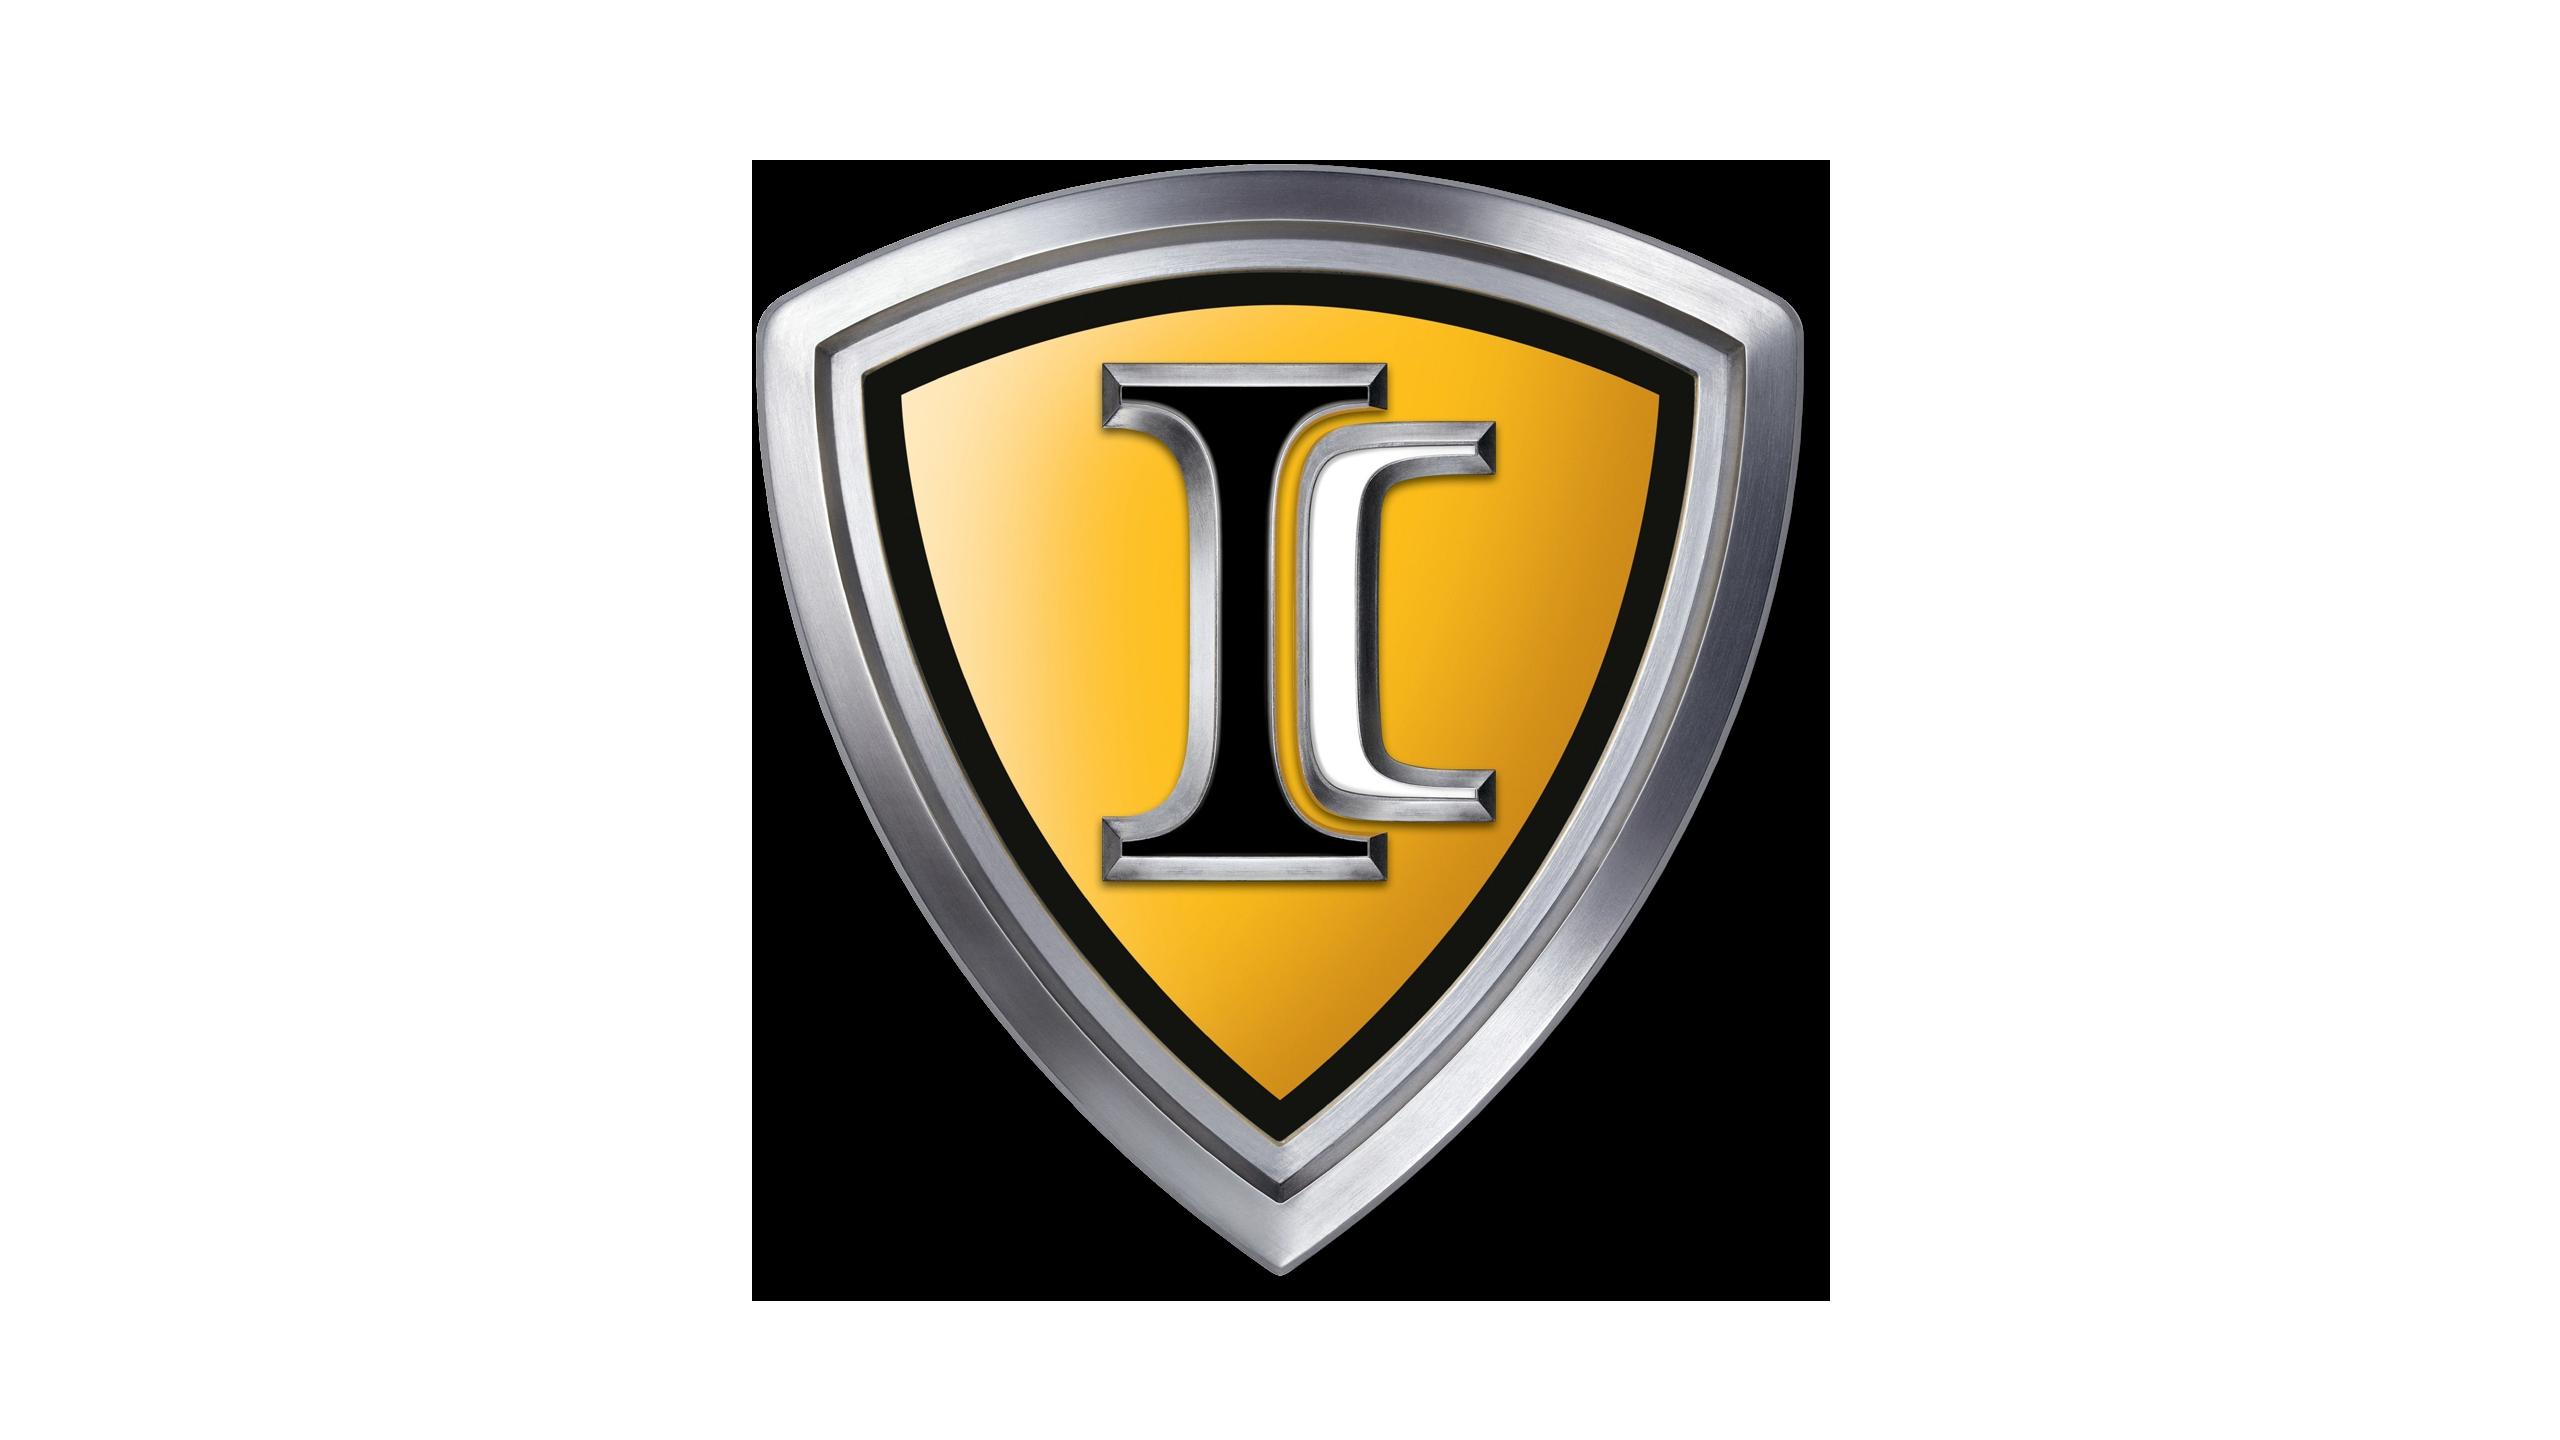 ic bus logo hd png information carlogos org